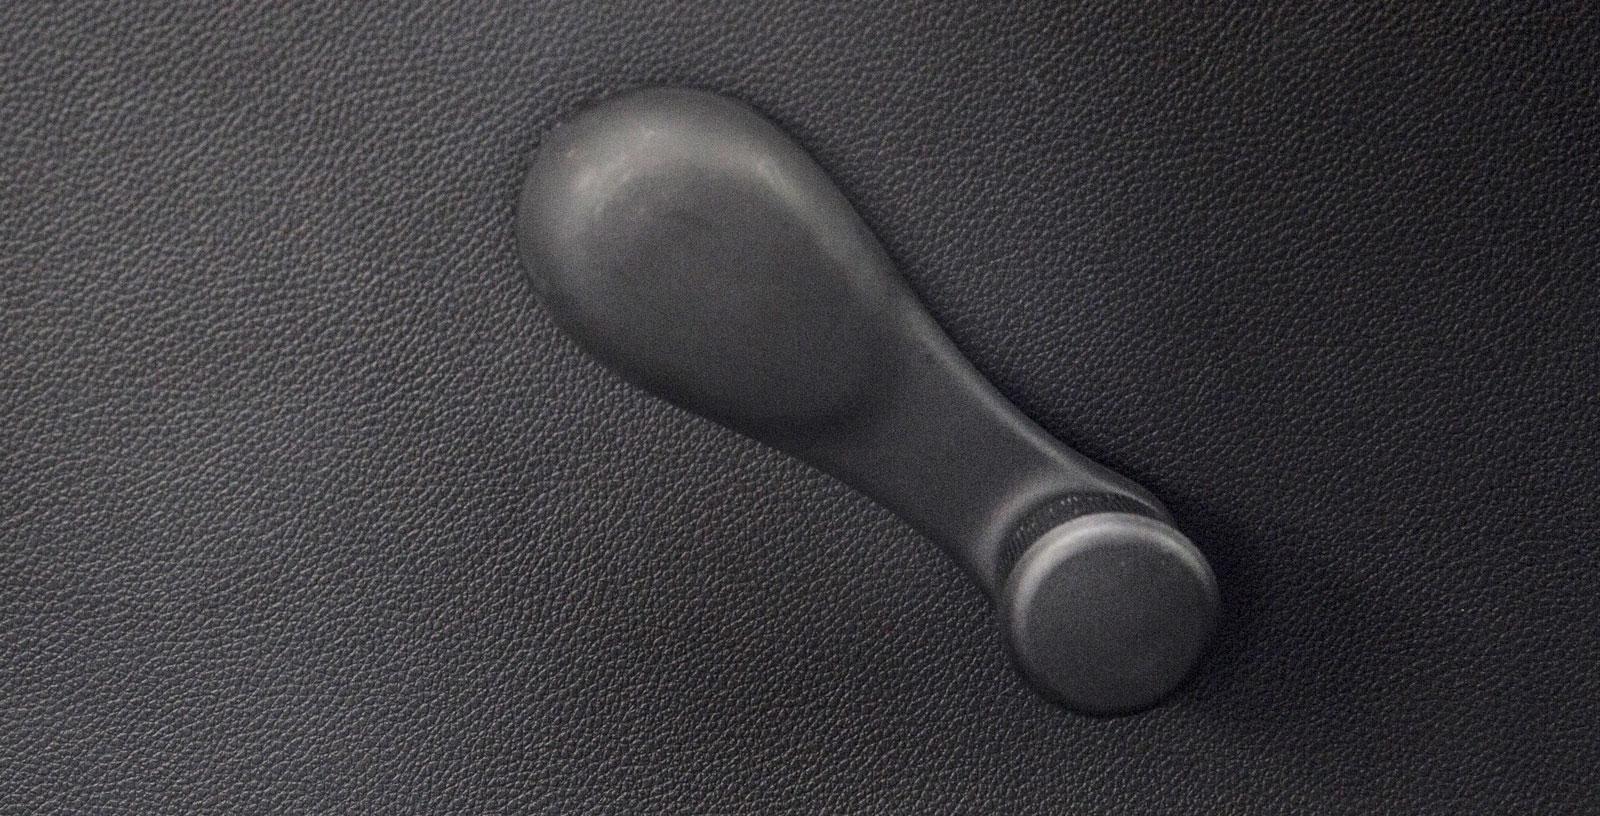 Bakdörrens sidoruta kan vevas ned, precis som i vilken annan större bil som helst. En detalj kanske? Fråga vad barnen tycker!